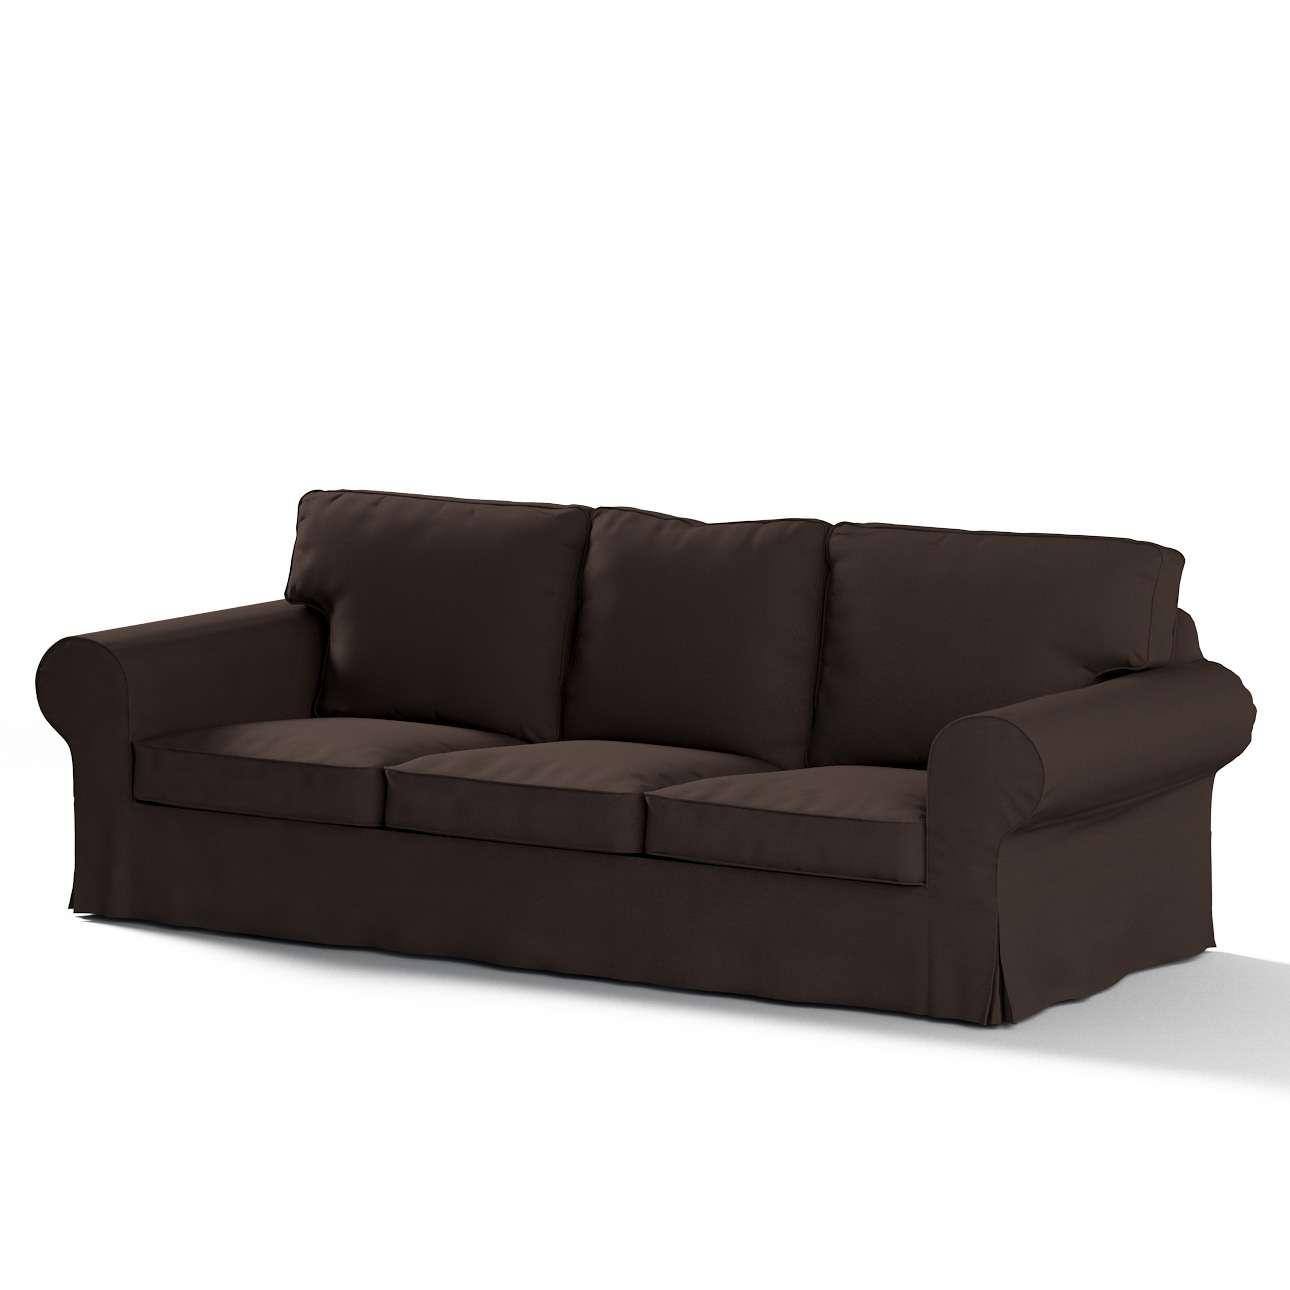 Ektorp trivietės sofos-lovos užvalkalas Ektorp trivietė sofa-lova kolekcijoje Cotton Panama, audinys: 702-03